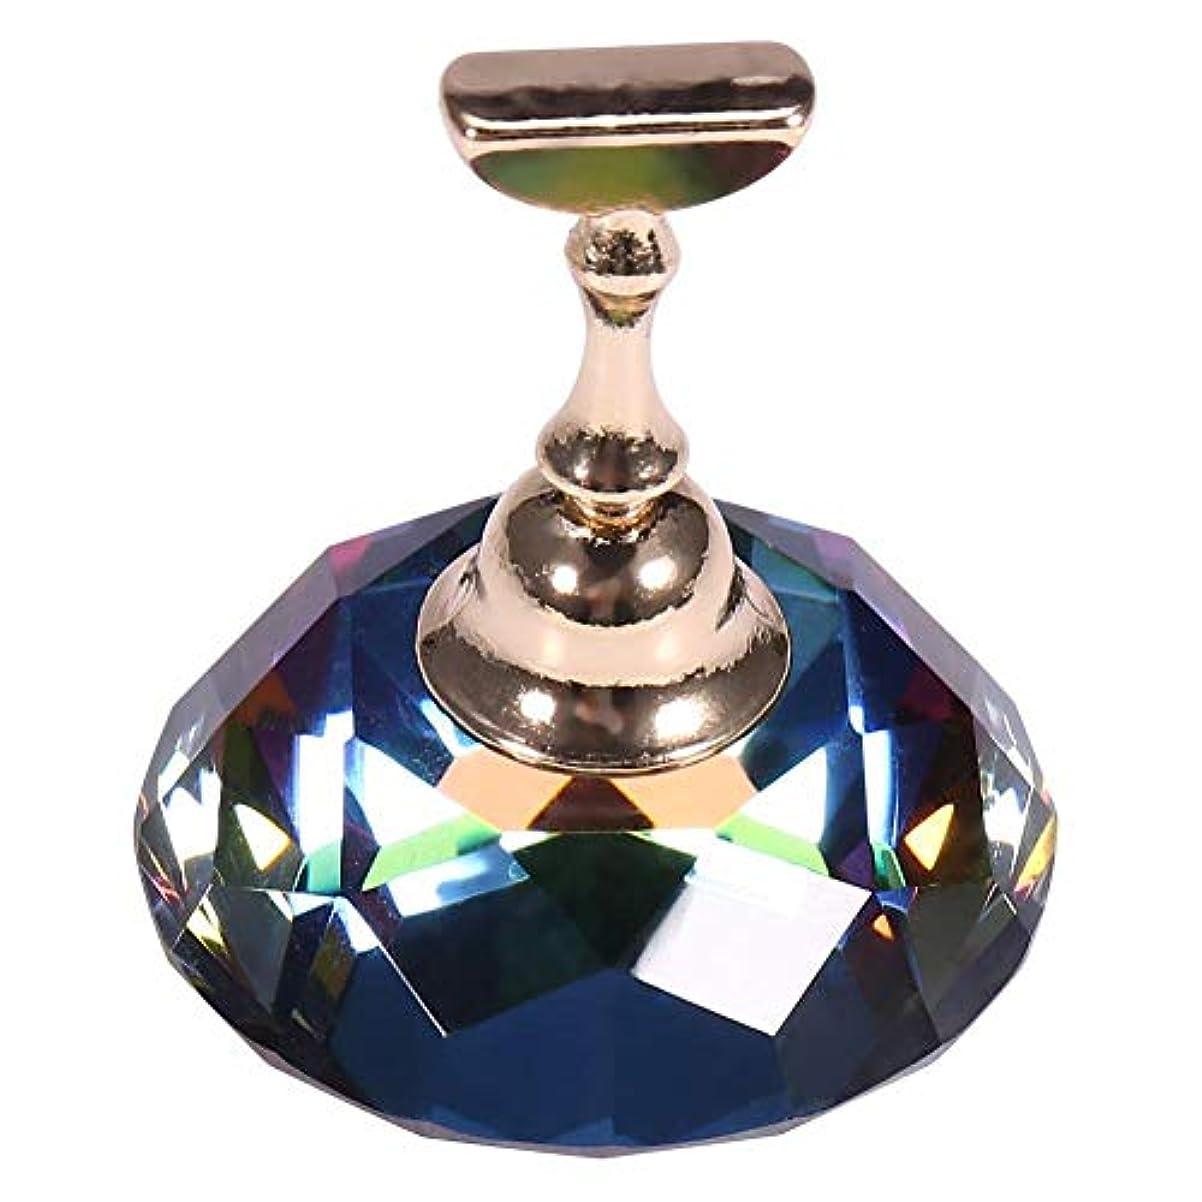 資本装備する保全ネイルチップスタンド 磁気 ホルダー サロン DIY マニキュア 合金 ネイルアート ディスプレイ チップ ホルダー (ダイヤモンド柄+ホルター)